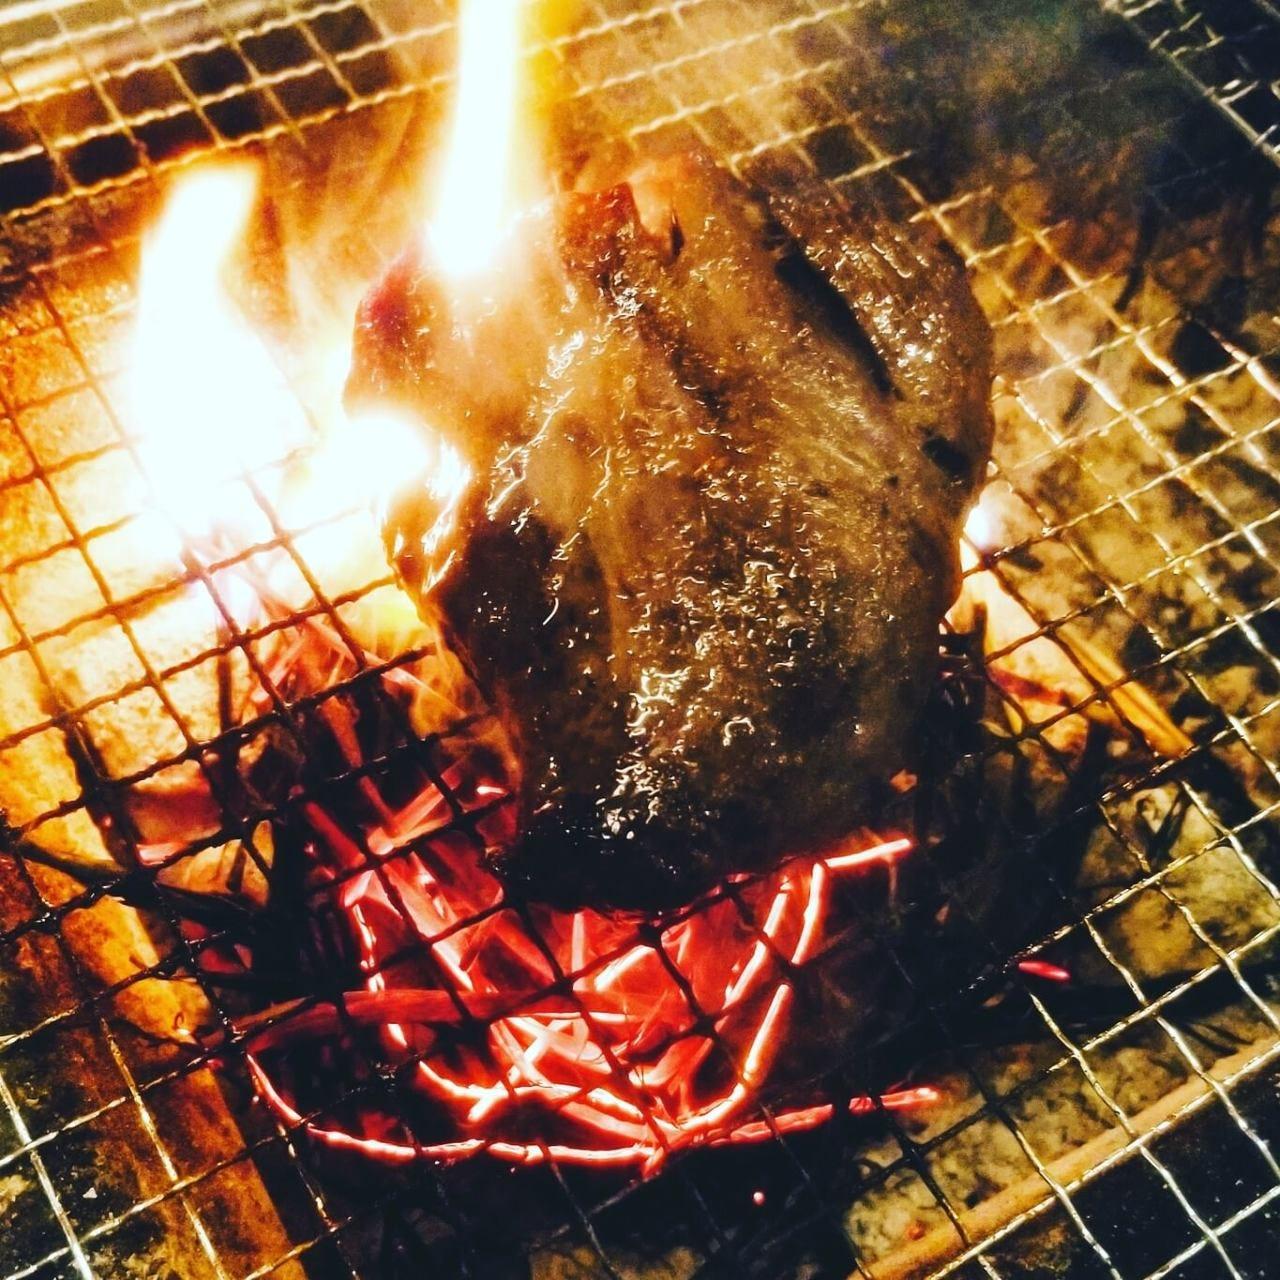 旨味を中に閉じ込めた炭火焼きは、ワインと相性抜群♪